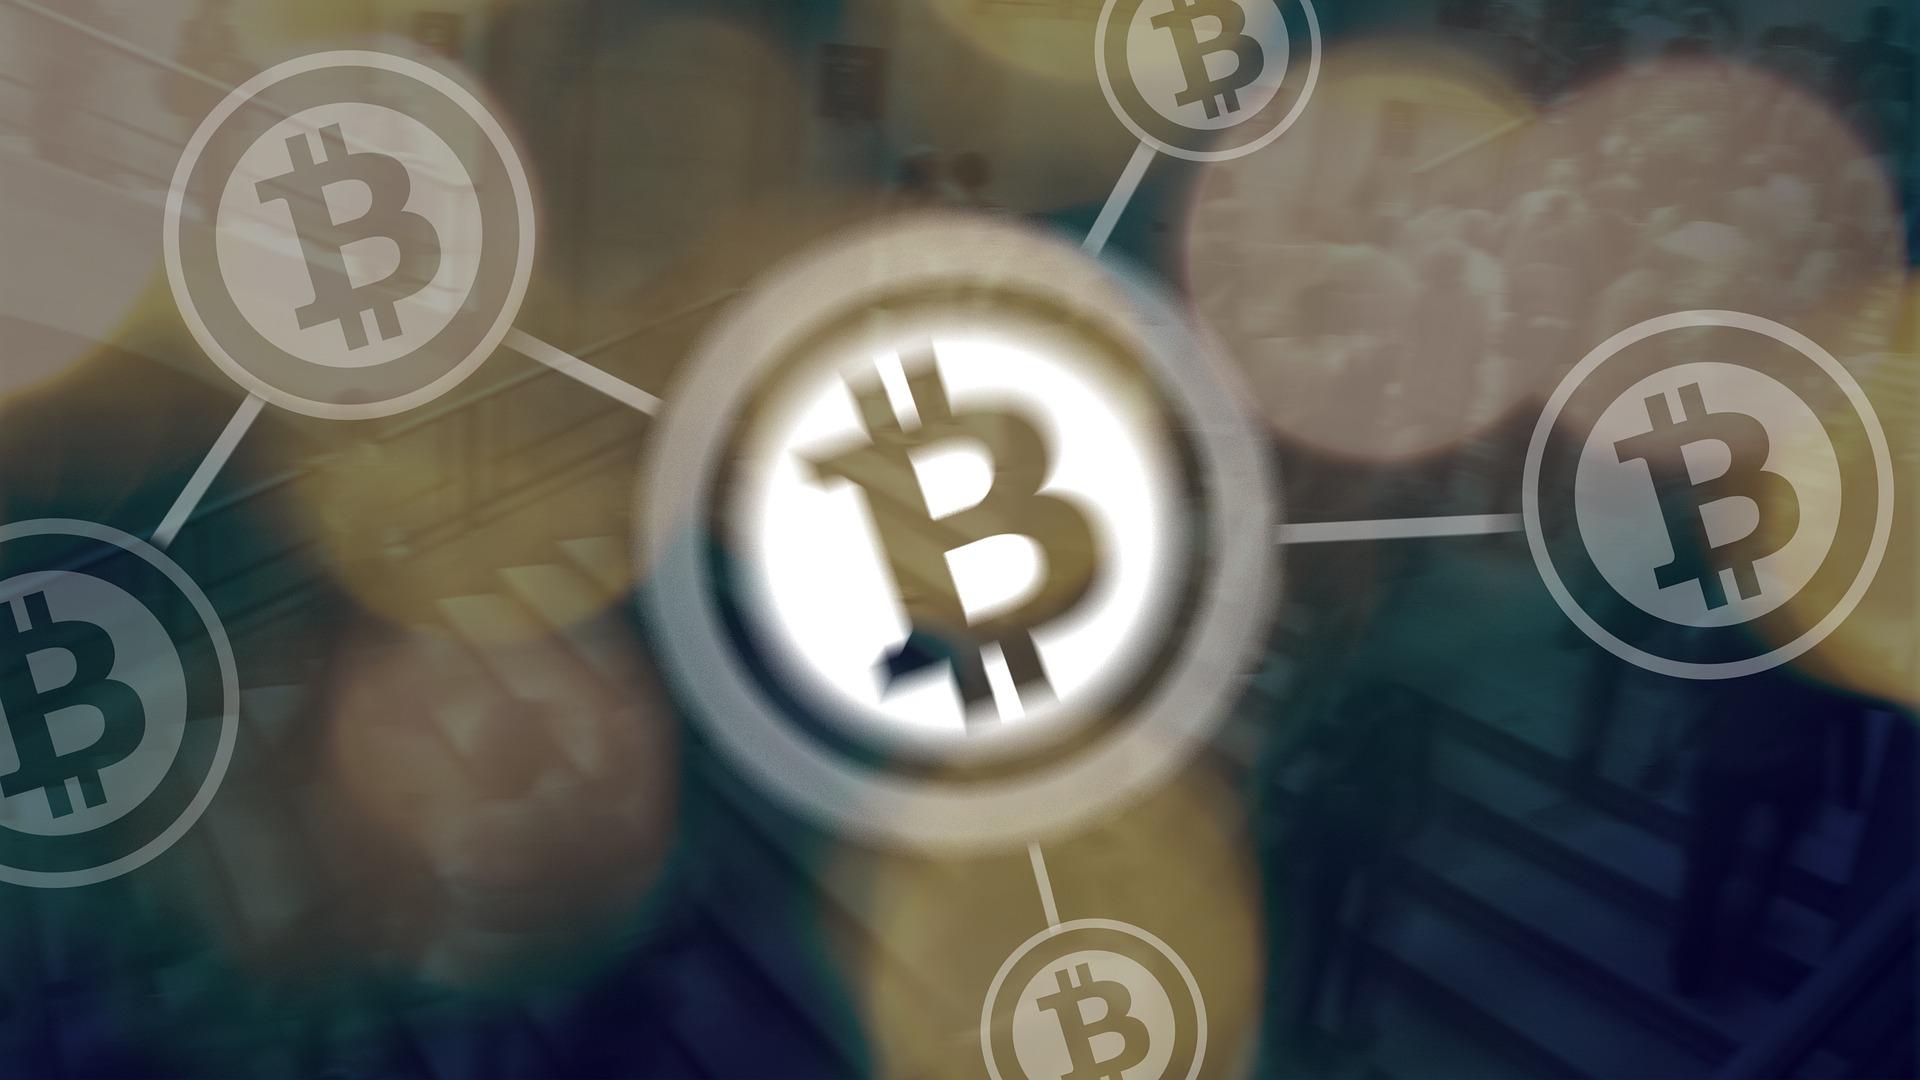 【銀行での海外送金は損!】ビットコイン送金で手数料が5分の1に